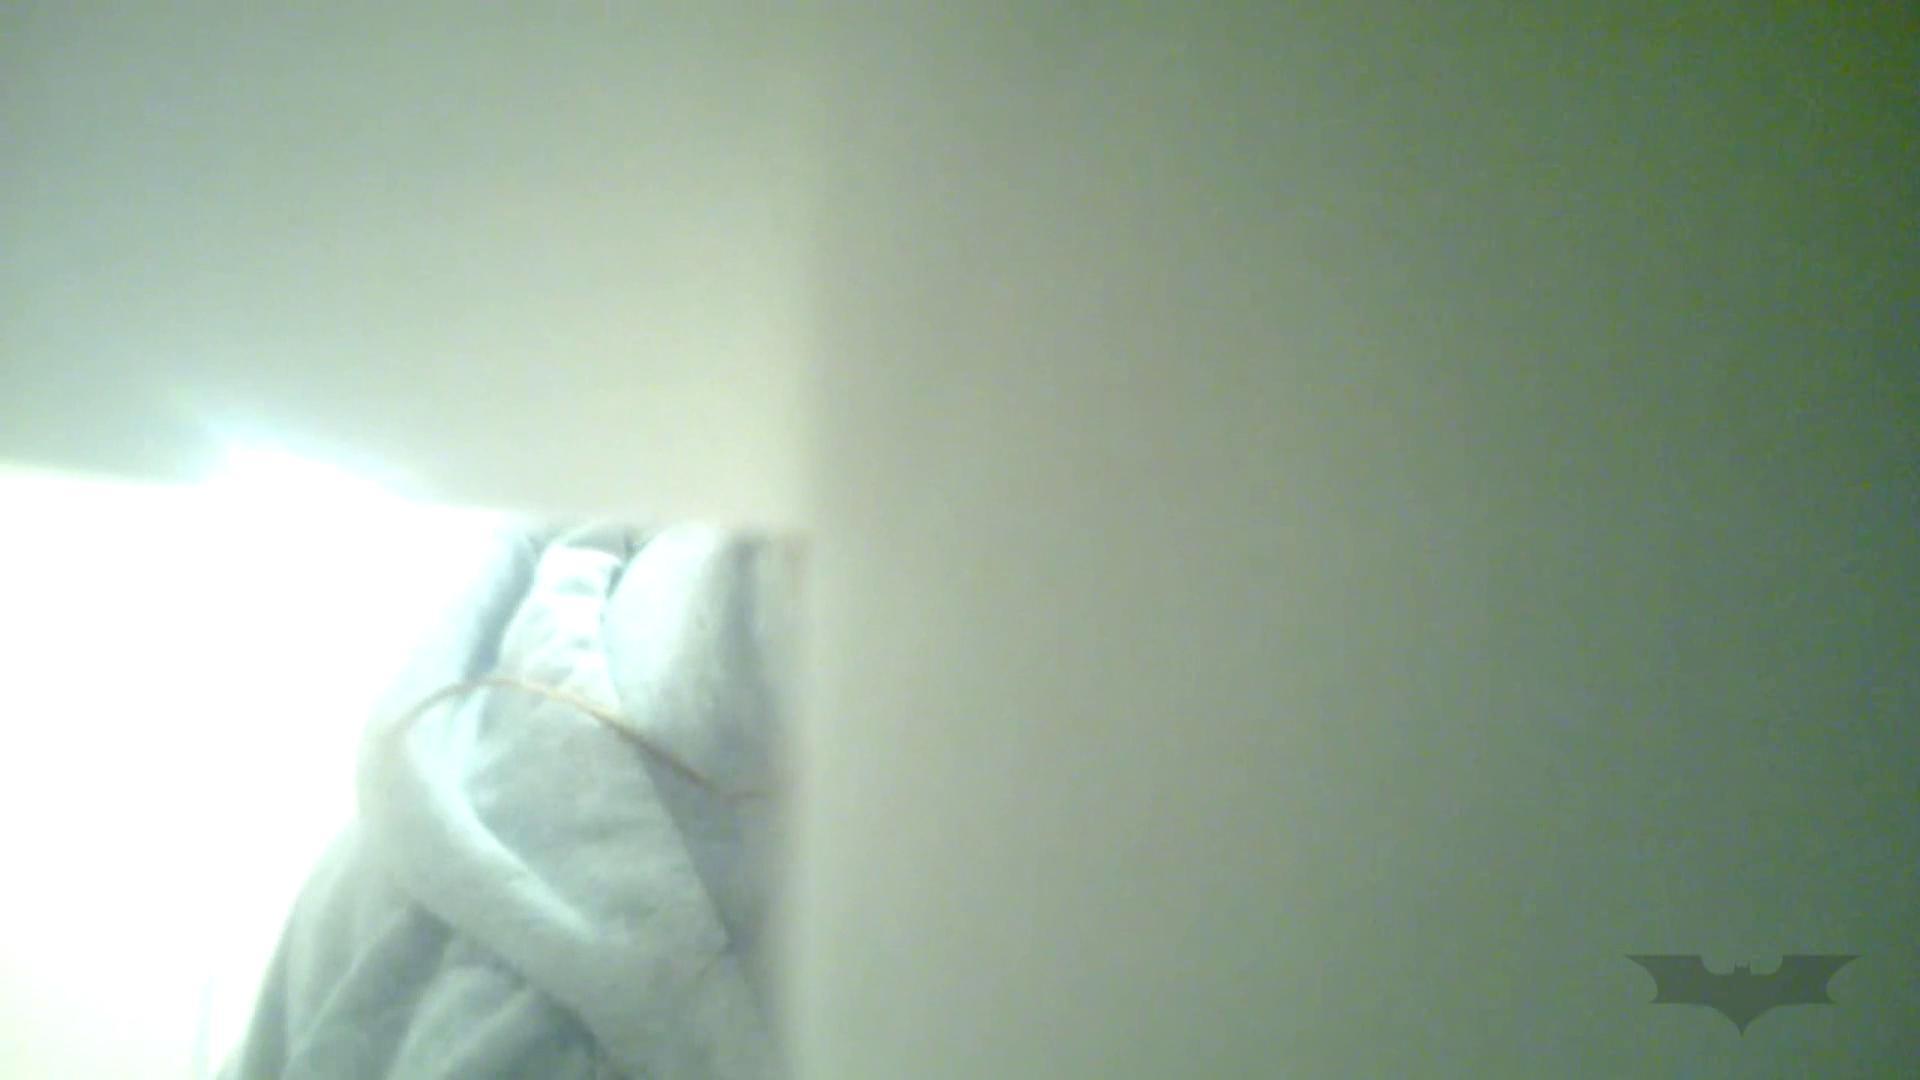 有名大学女性洗面所 vol.43 いつみても神秘的な世界です。 和式 スケベ動画紹介 82pic 57